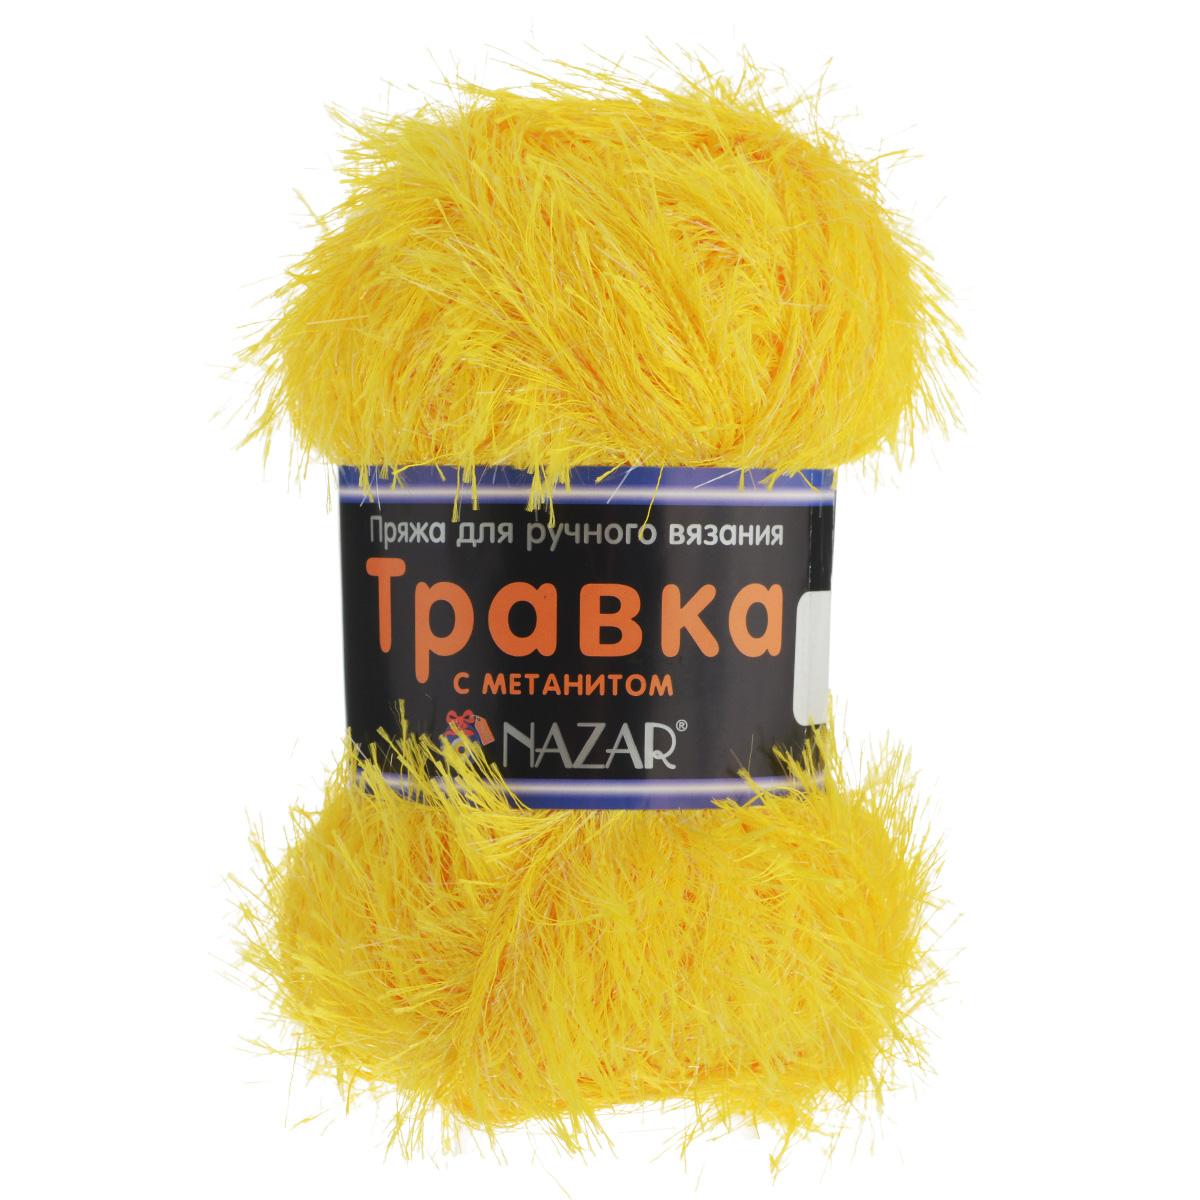 Пряжа для вязания Nazar Травка с метанитом, цвет: желтый (2517), 115 м, 100 г, 5 шт349021_2517Пряжа для вязания Nazar Травка с метанитом изготовлена из 90% полиэстера, 10% метанита. Это - пряжа с ворсом. Изделия выглядят как меховые, а добавление метанита придает блеск. Полотно выглядит пушистым с обеих сторон. Пряжа используется для отделки изделий, создания игрушек, а также хороша для новогодних костюмов и в качестве мишуры. Подходит для вязания на спицах и крючках 4 мм. Состав: 90% полиэстер, 10% метанит. Комплектация: 5 шт. Толщина нити: 1,5 мм.